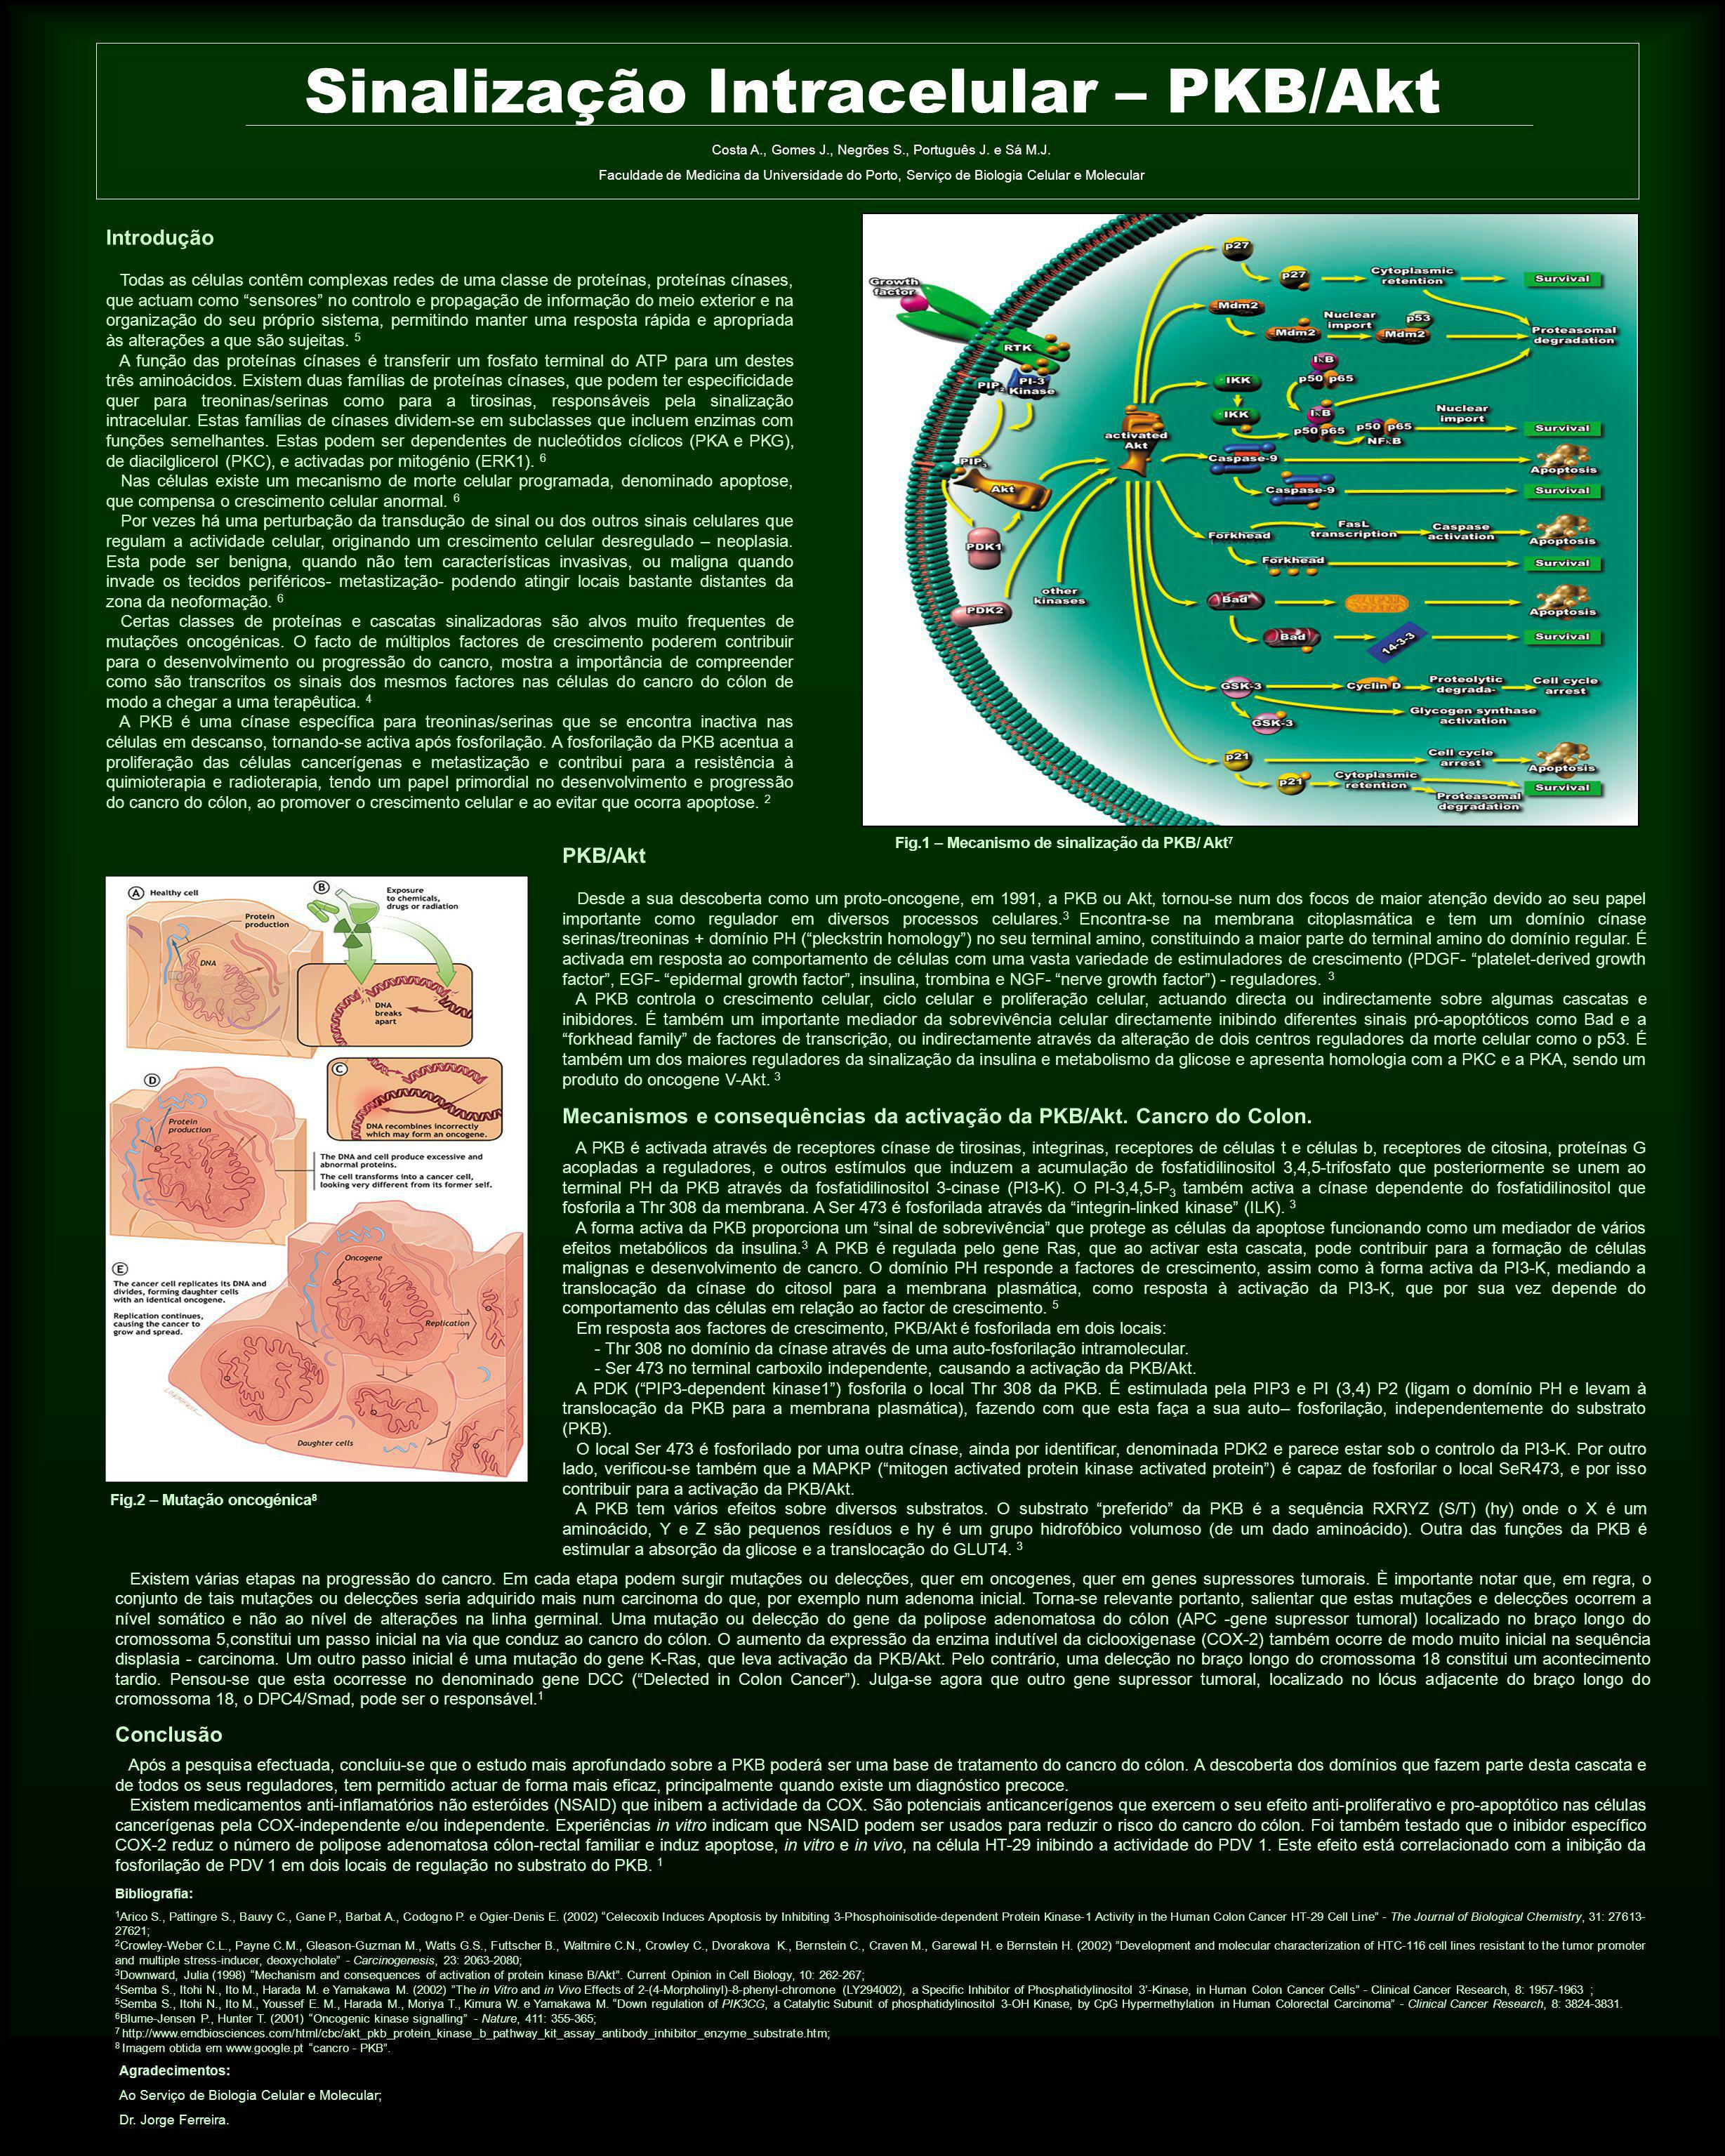 Sinalização Intracelular – PKB/Akt